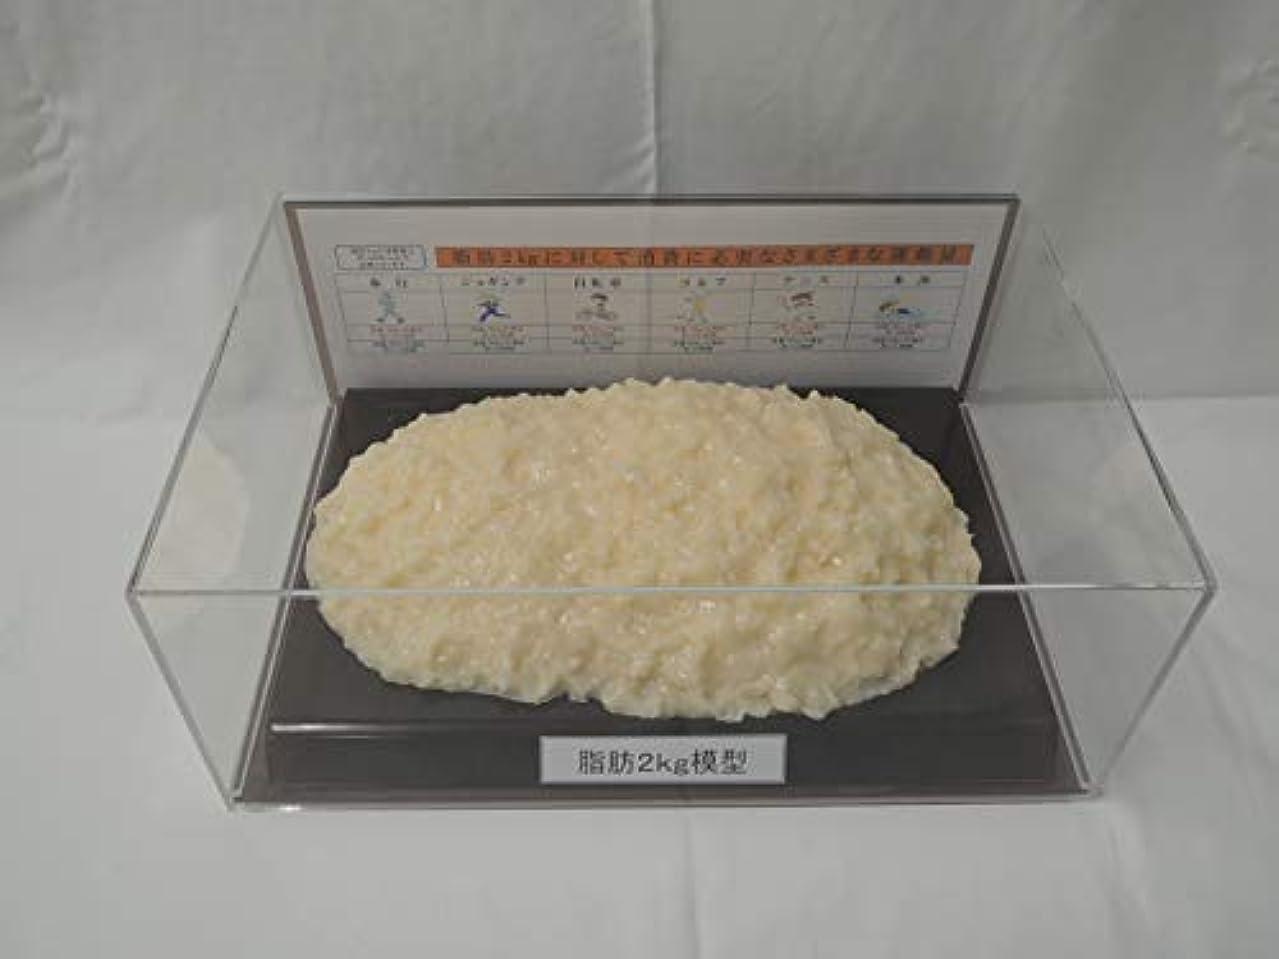 願望める本を読む脂肪模型 フィギアケース入 2kg ダイエット 健康 肥満 トレーニング フードモデル 食品サンプル